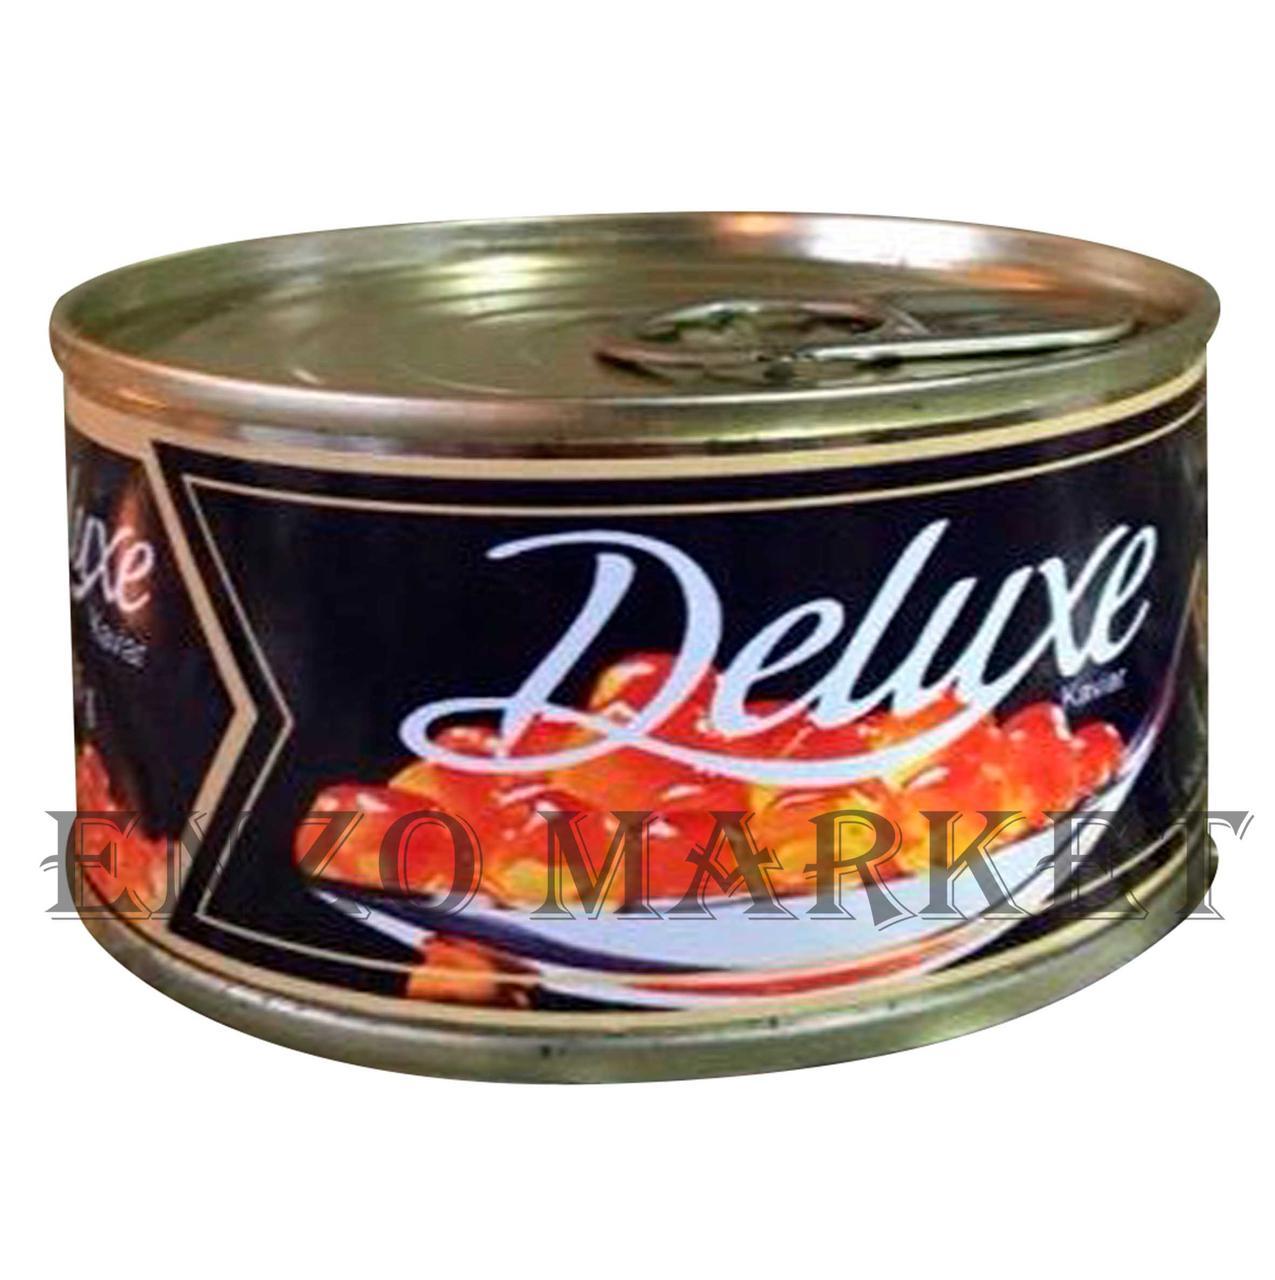 Красная икра Deluxe немецкая, 145 грамм